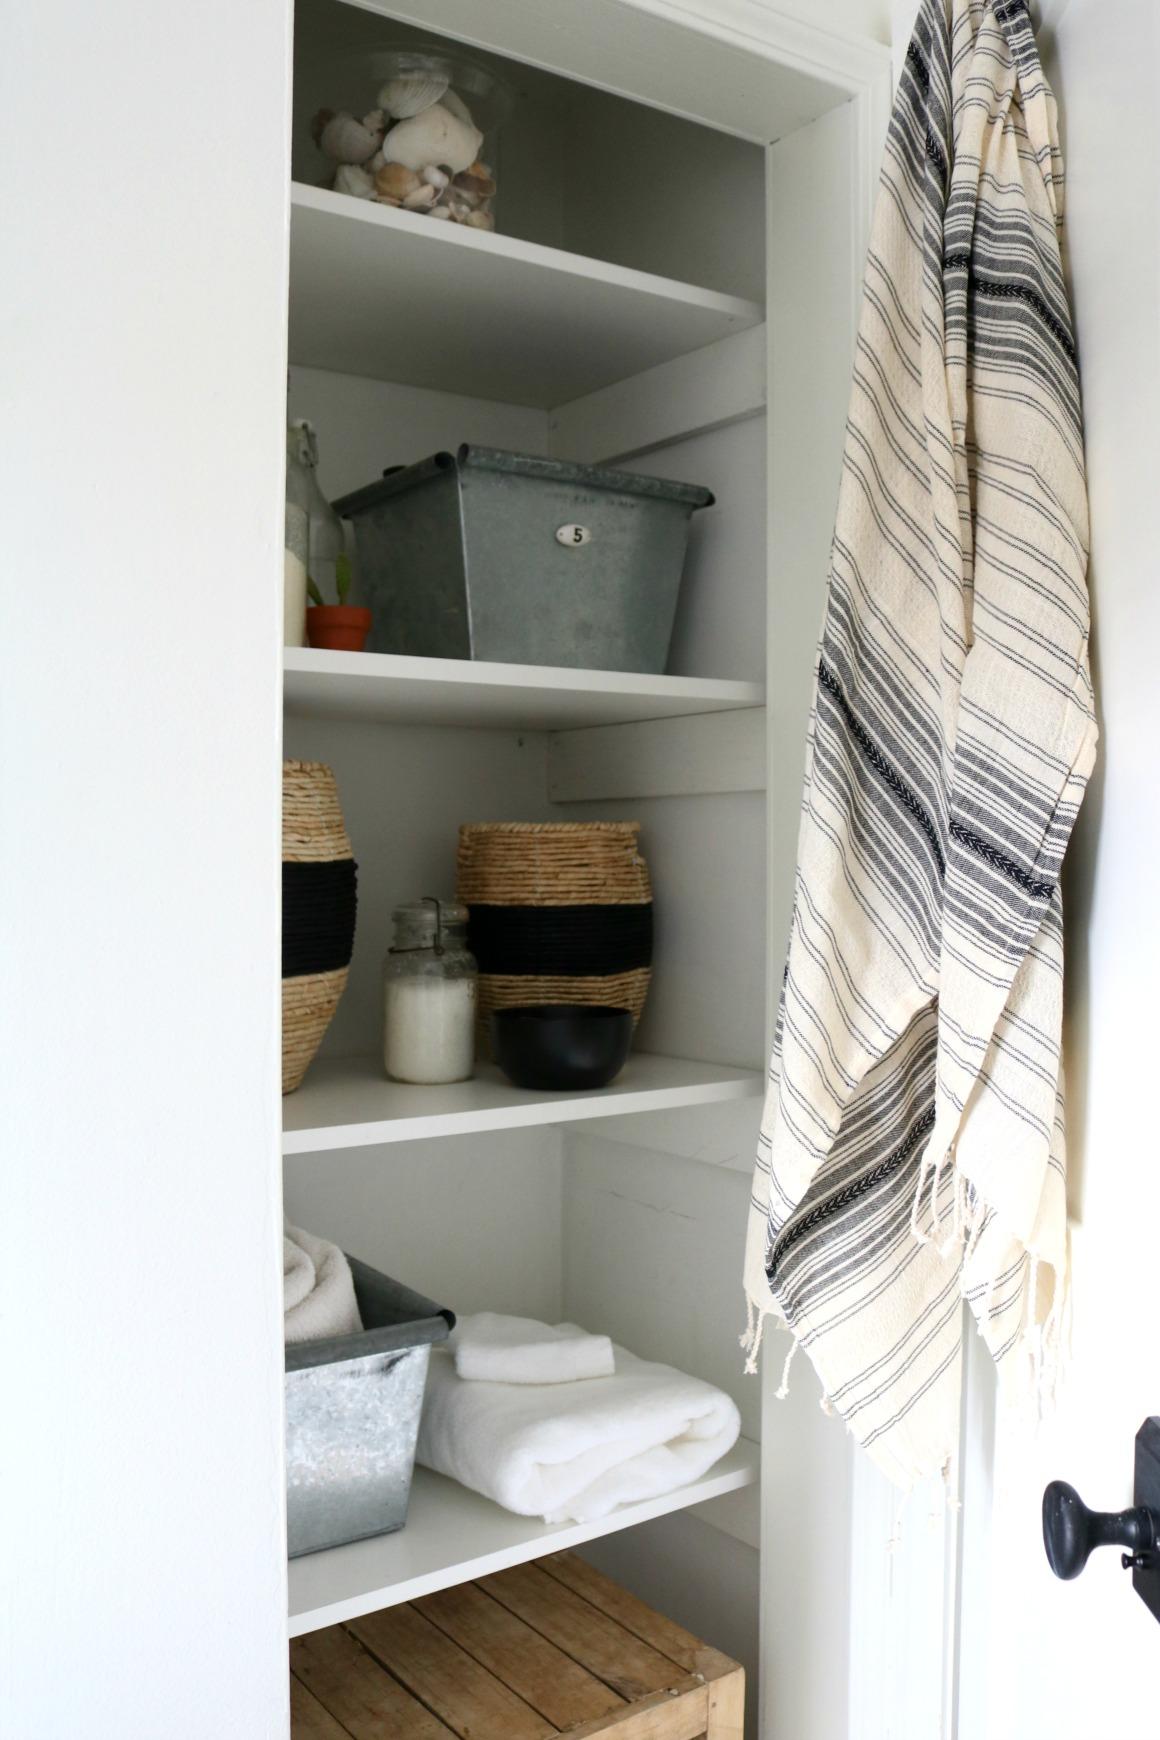 Wayfair Bathroom Vanity >> Upstairs Bathroom Remodel- The Reveal! - Nesting With Grace